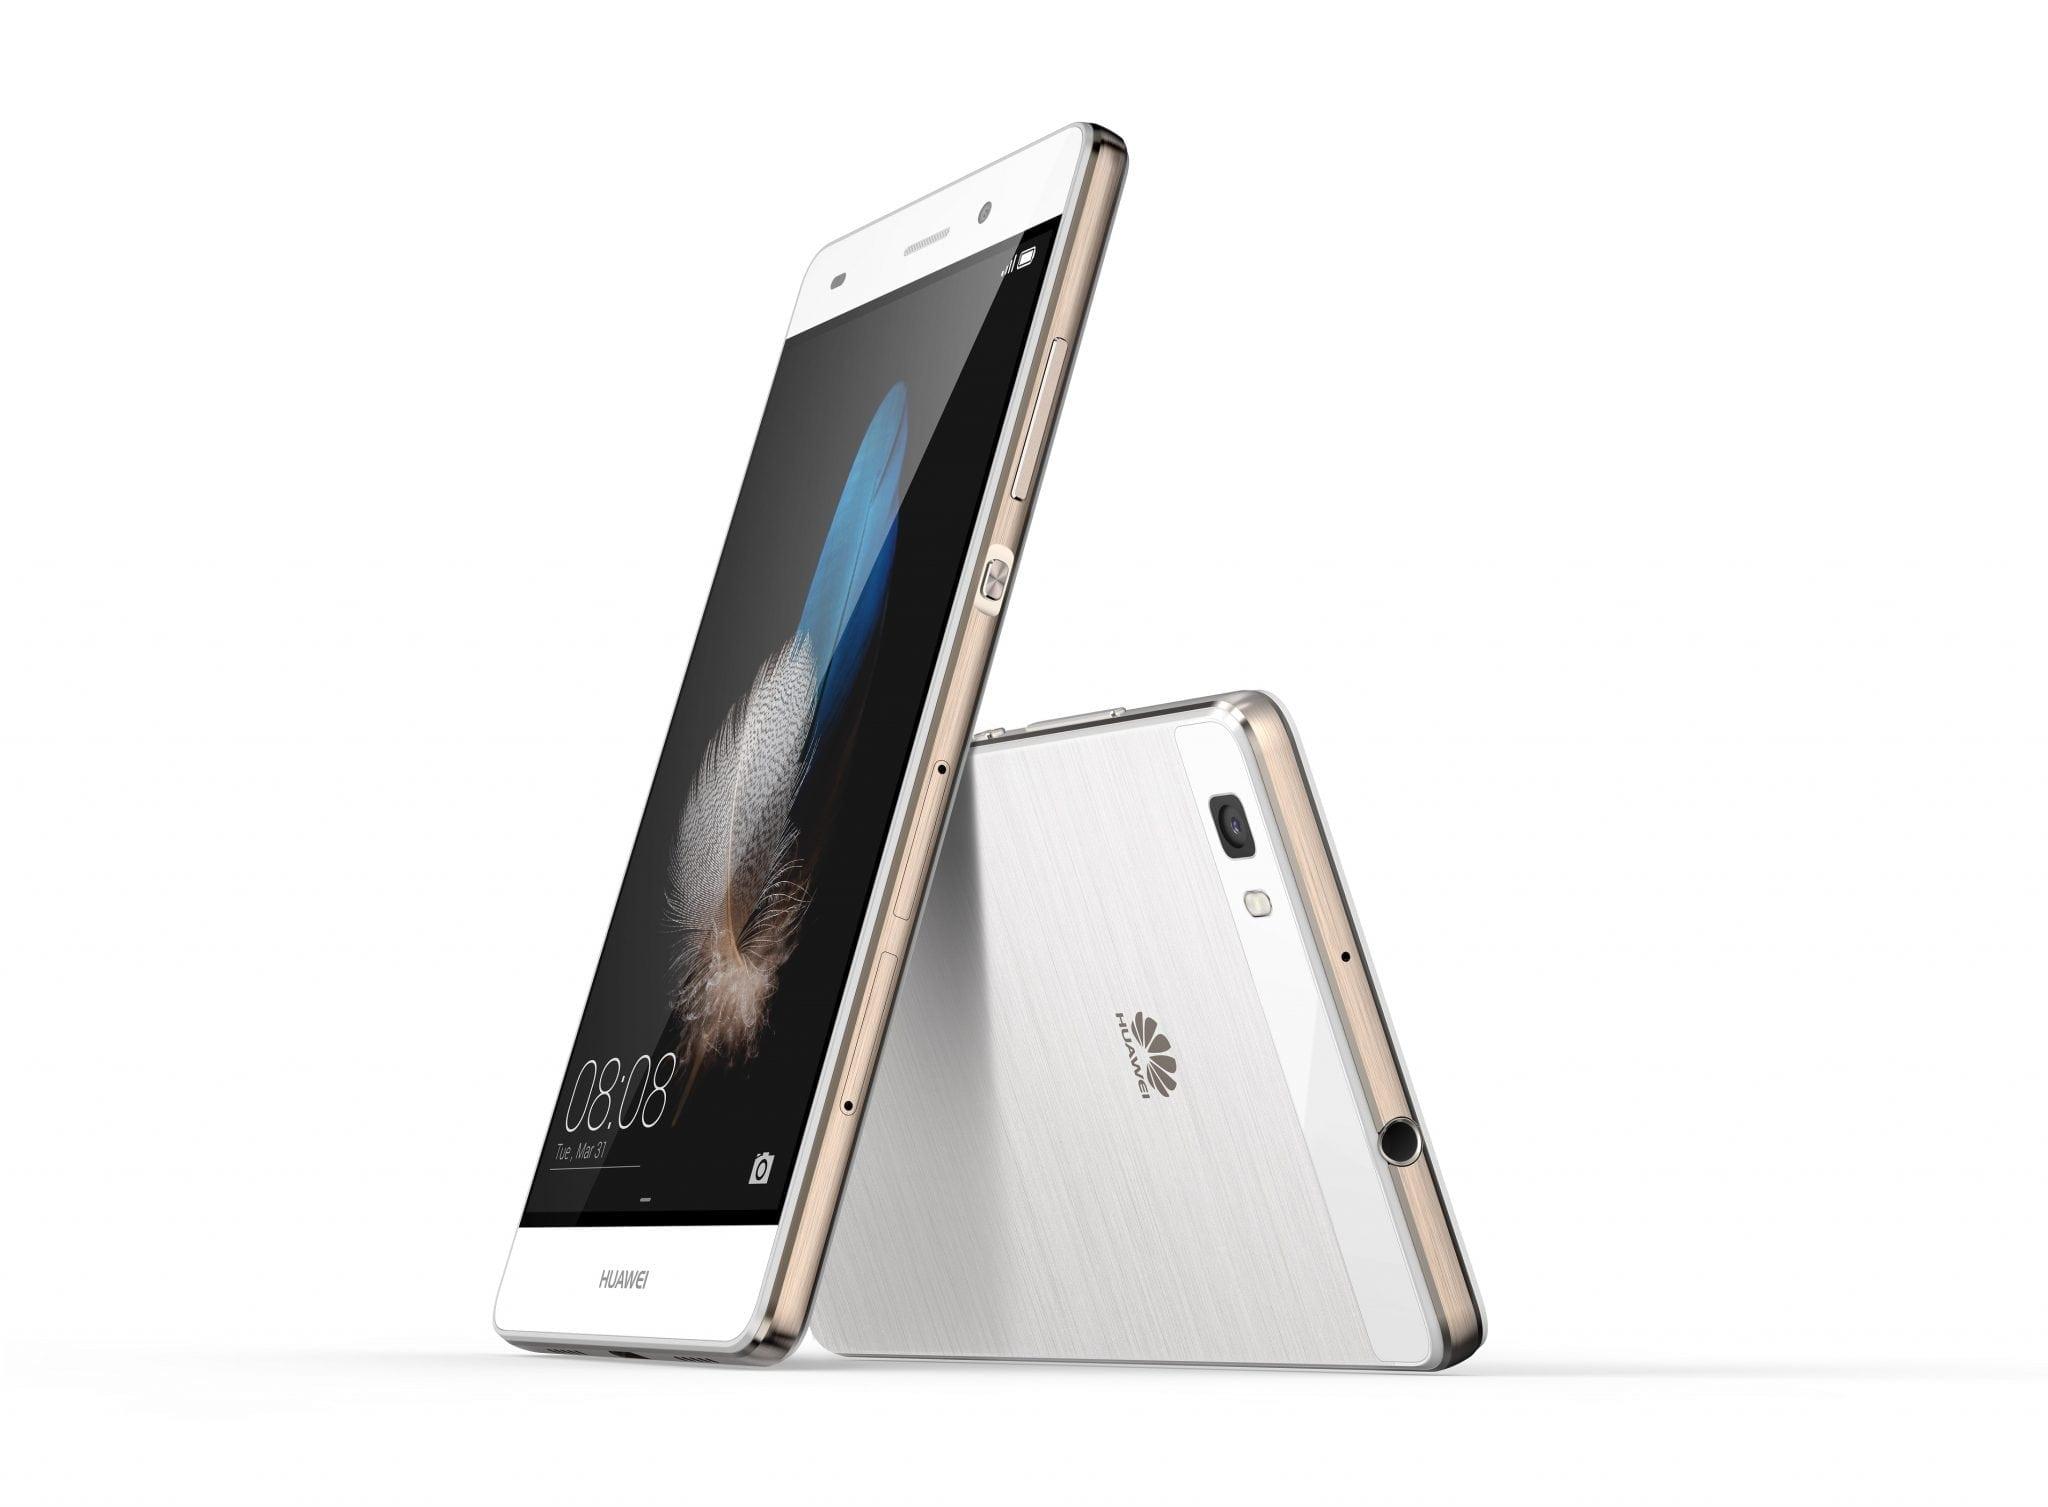 Huawei P8 Lite depășește pragul de 10 milioane de unități livrate în Europa